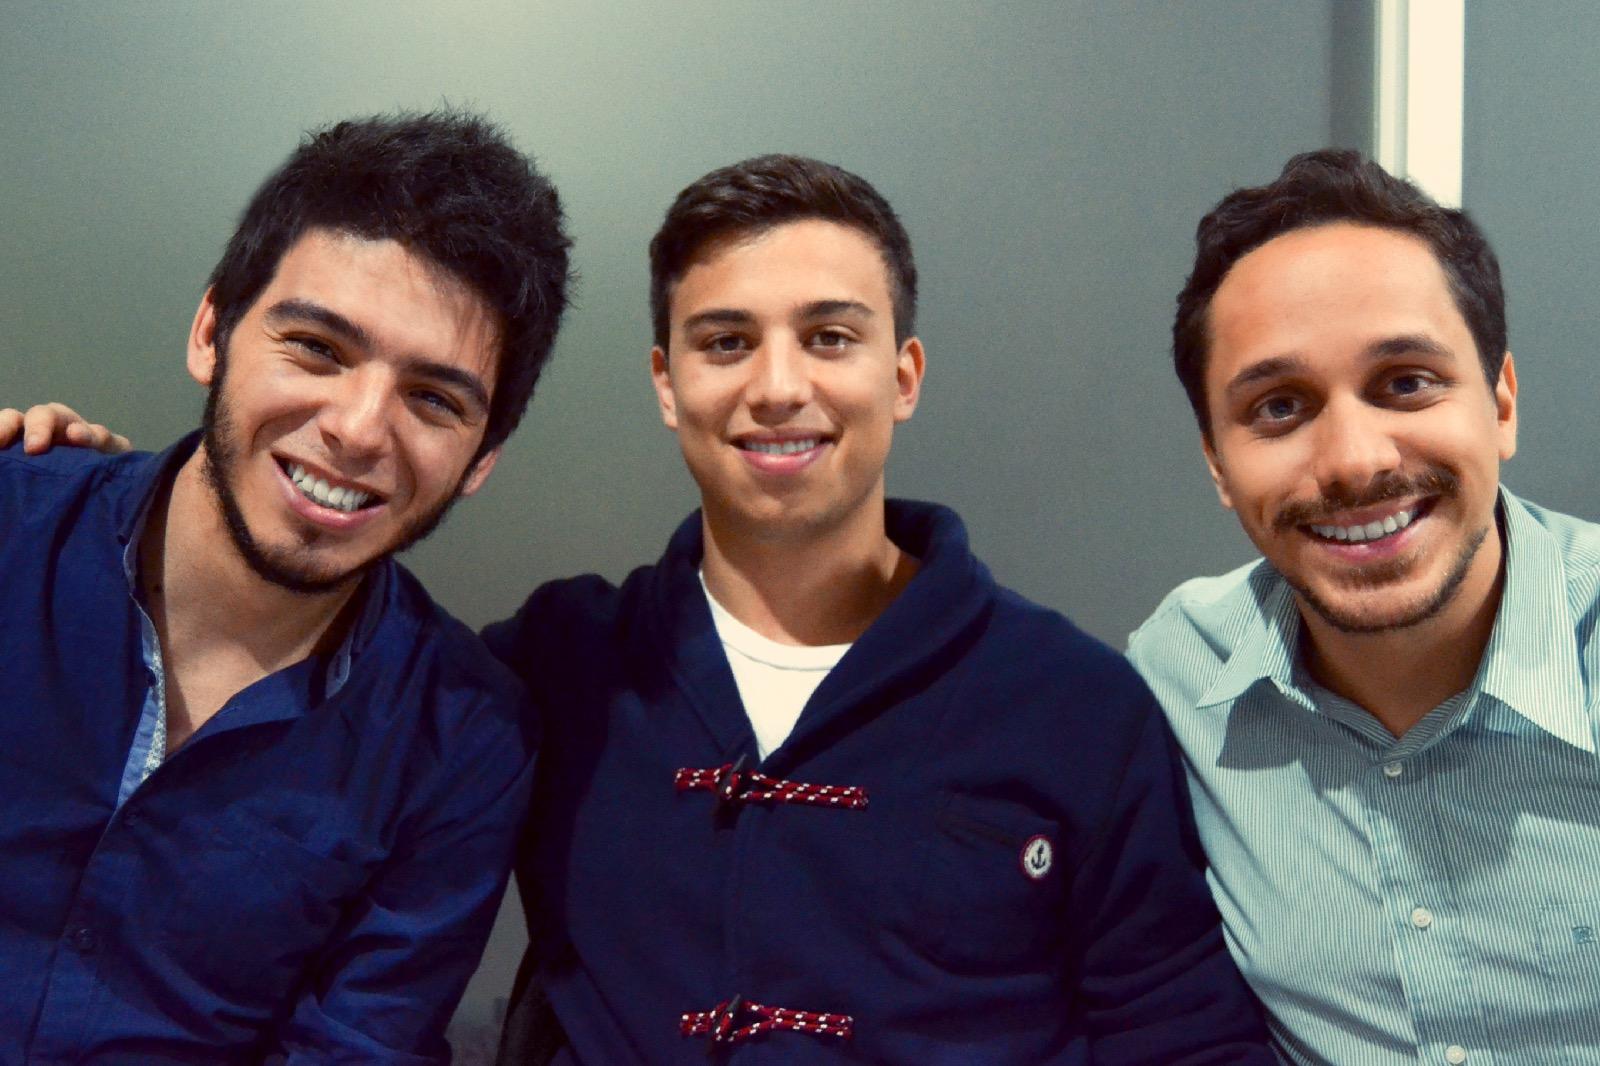 Víctor Chacón, David Díaz y Juan Diego Jaén Castro, de izquierda a derecha. Ellos fueron los tres participantes. Foto: Víctor Chacón.